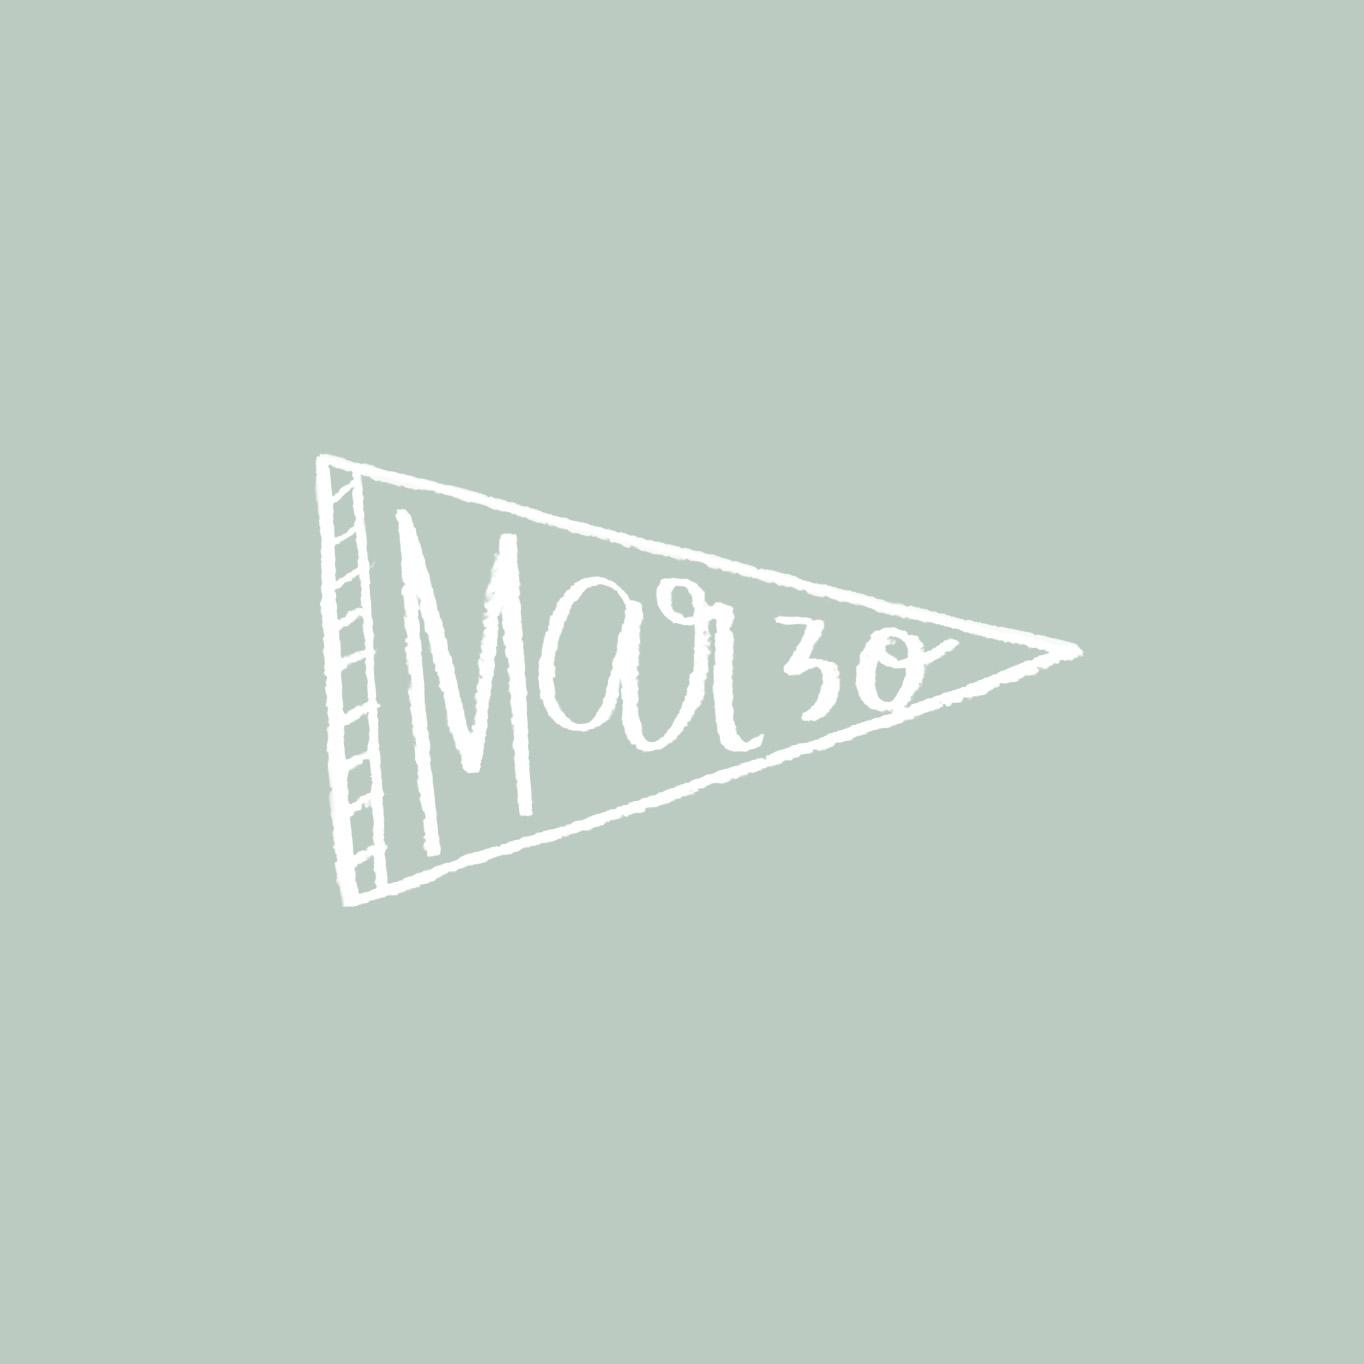 mar30_v2.jpg